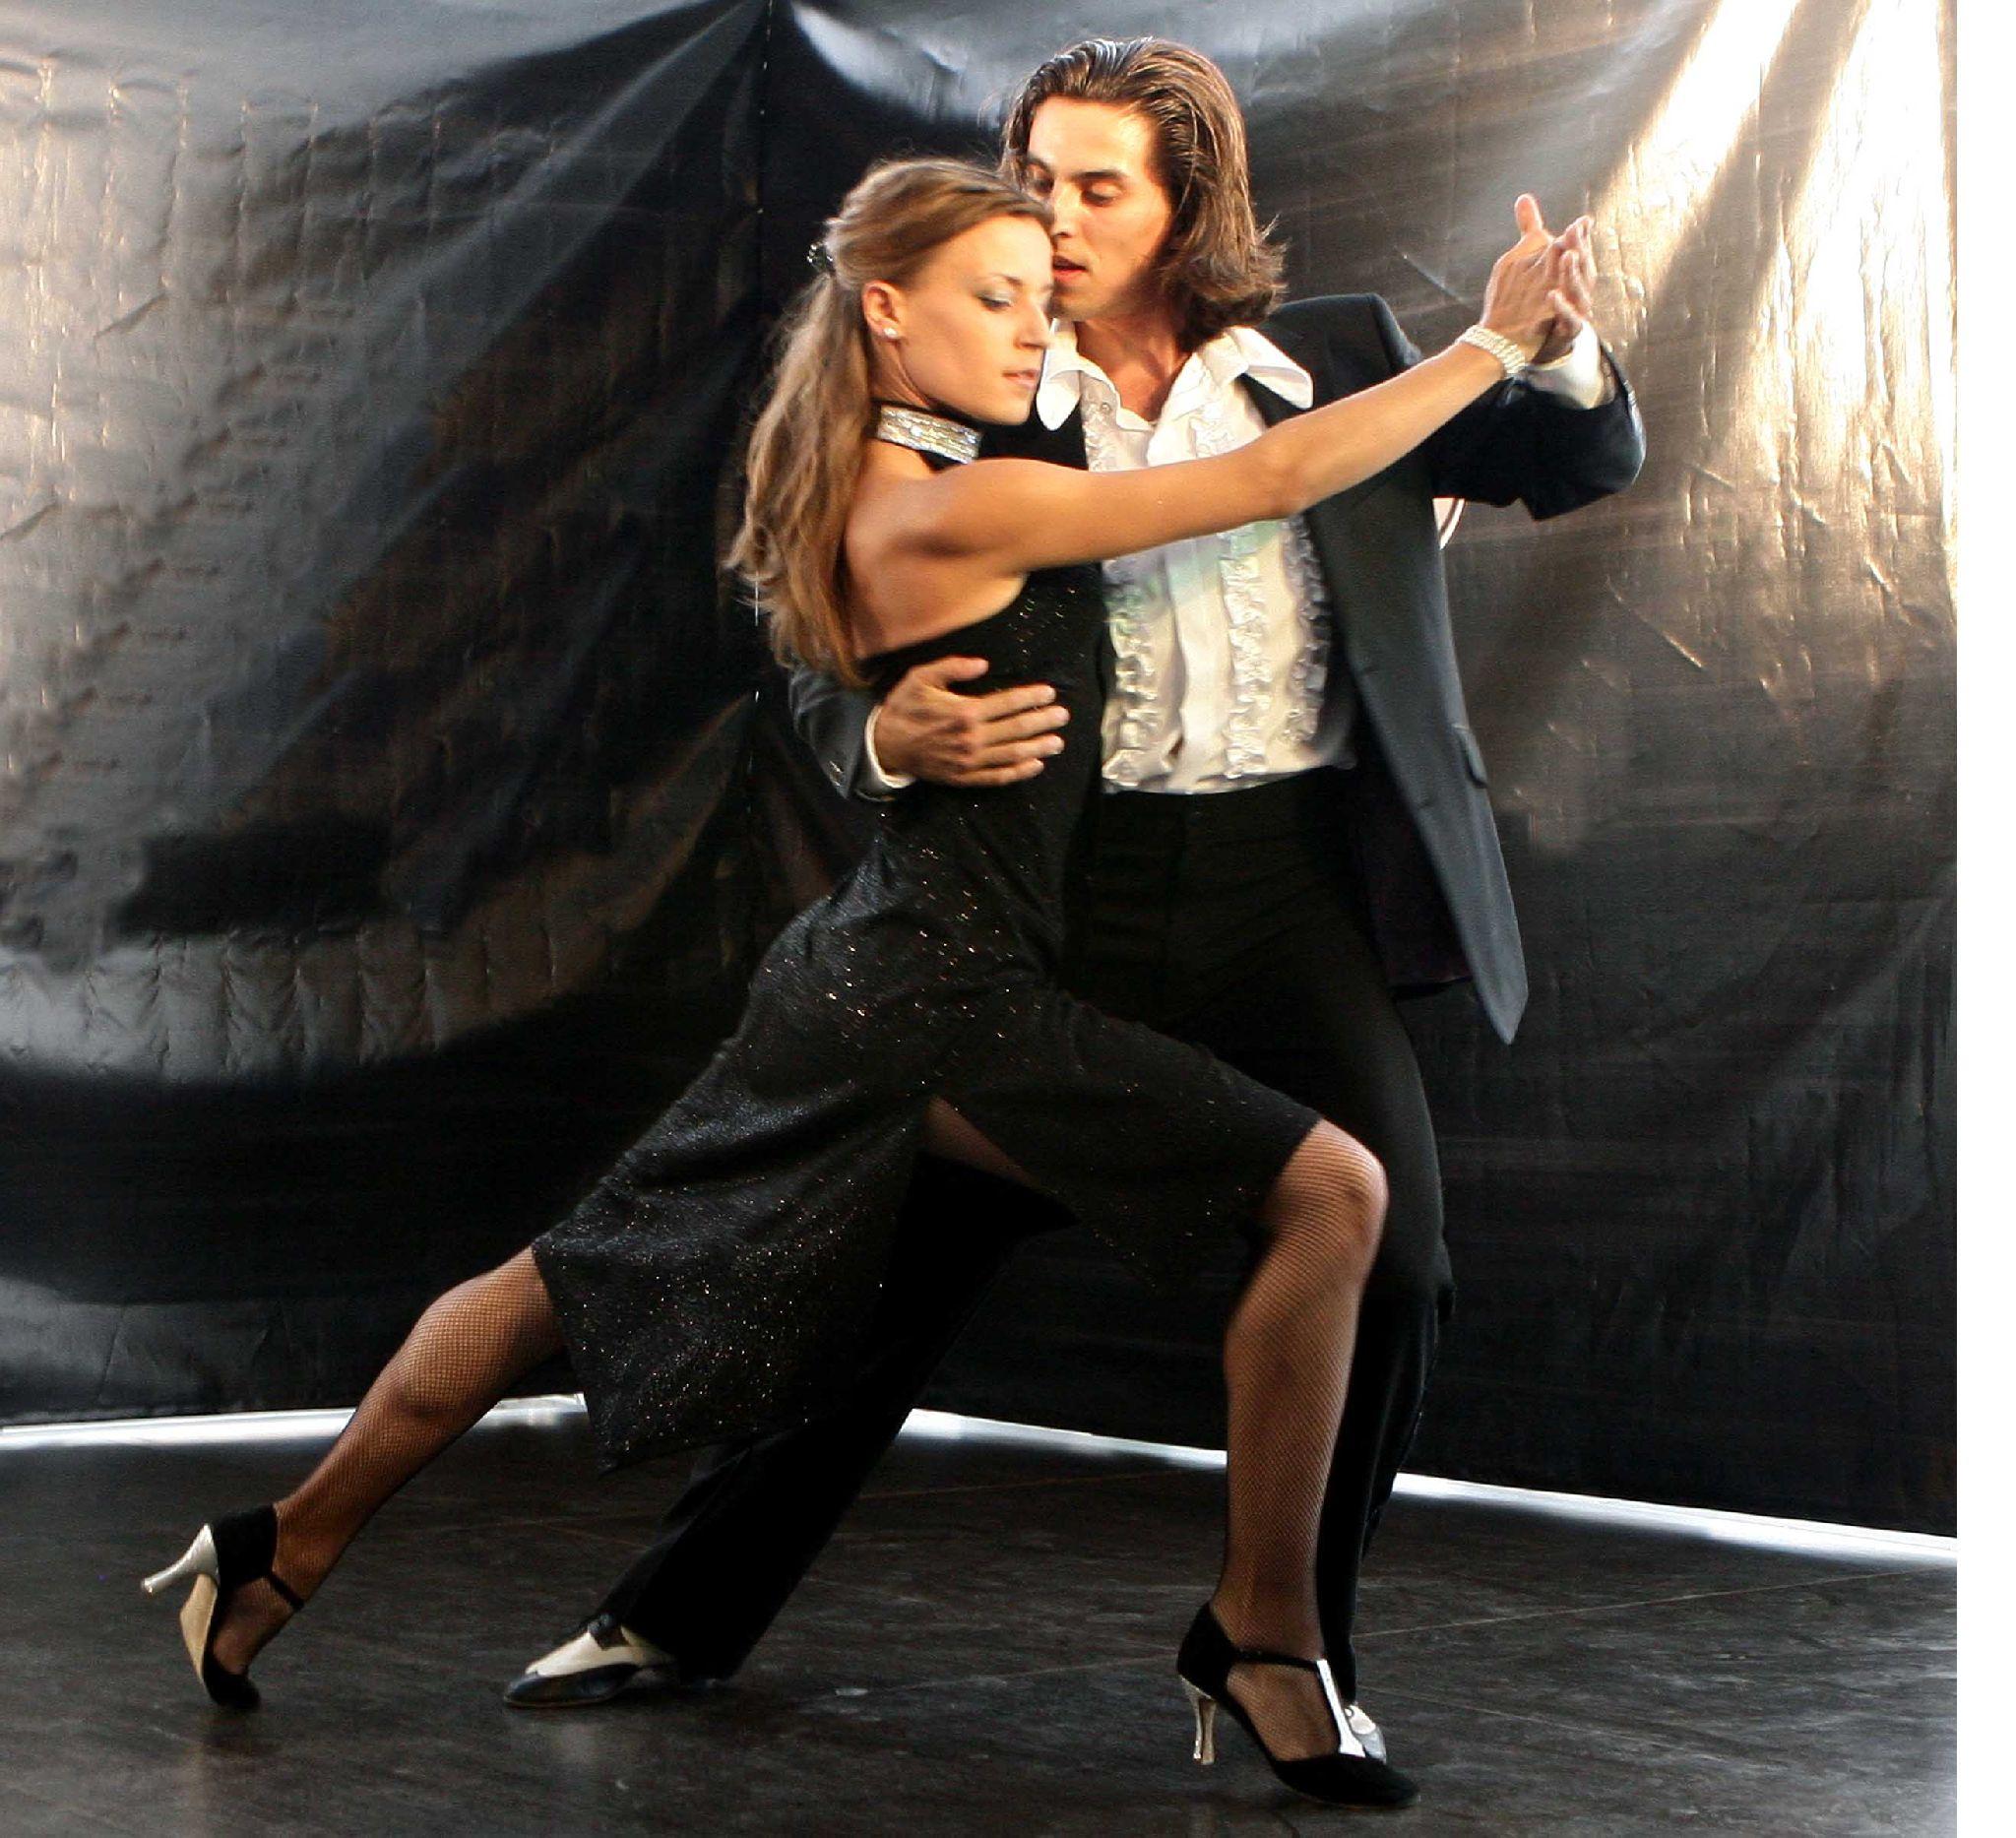 Танцует и отдается 5 фотография